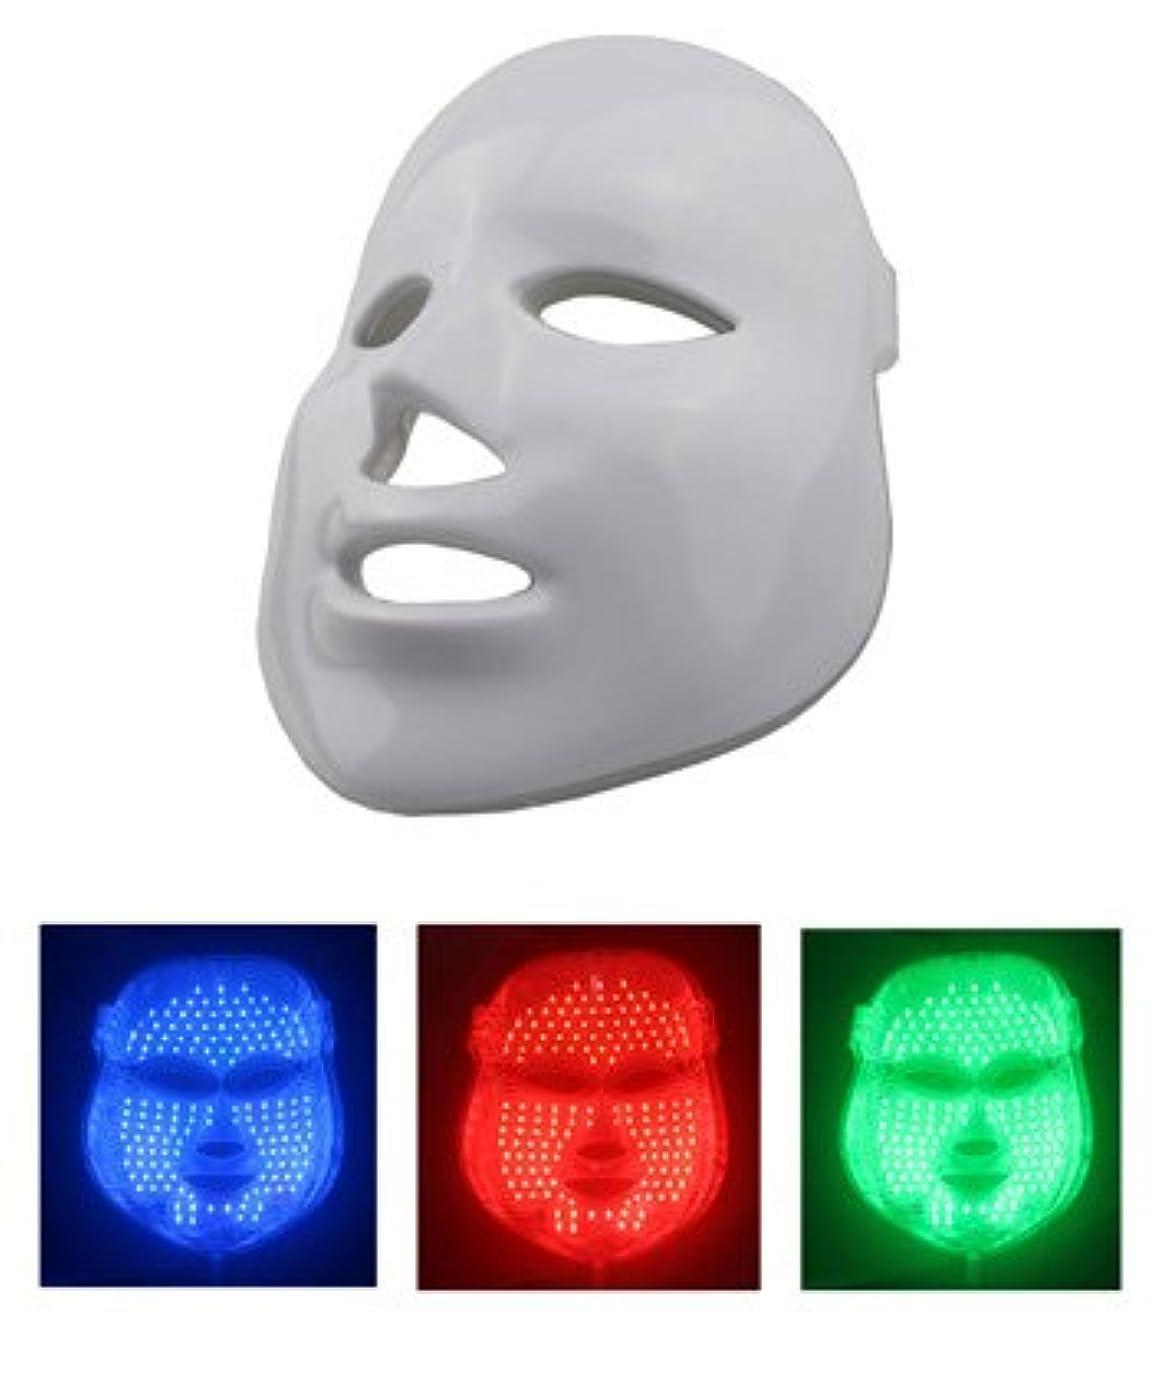 仲介者シリング縫い目美顔 LEDマスク LED美顔器 三色モデル